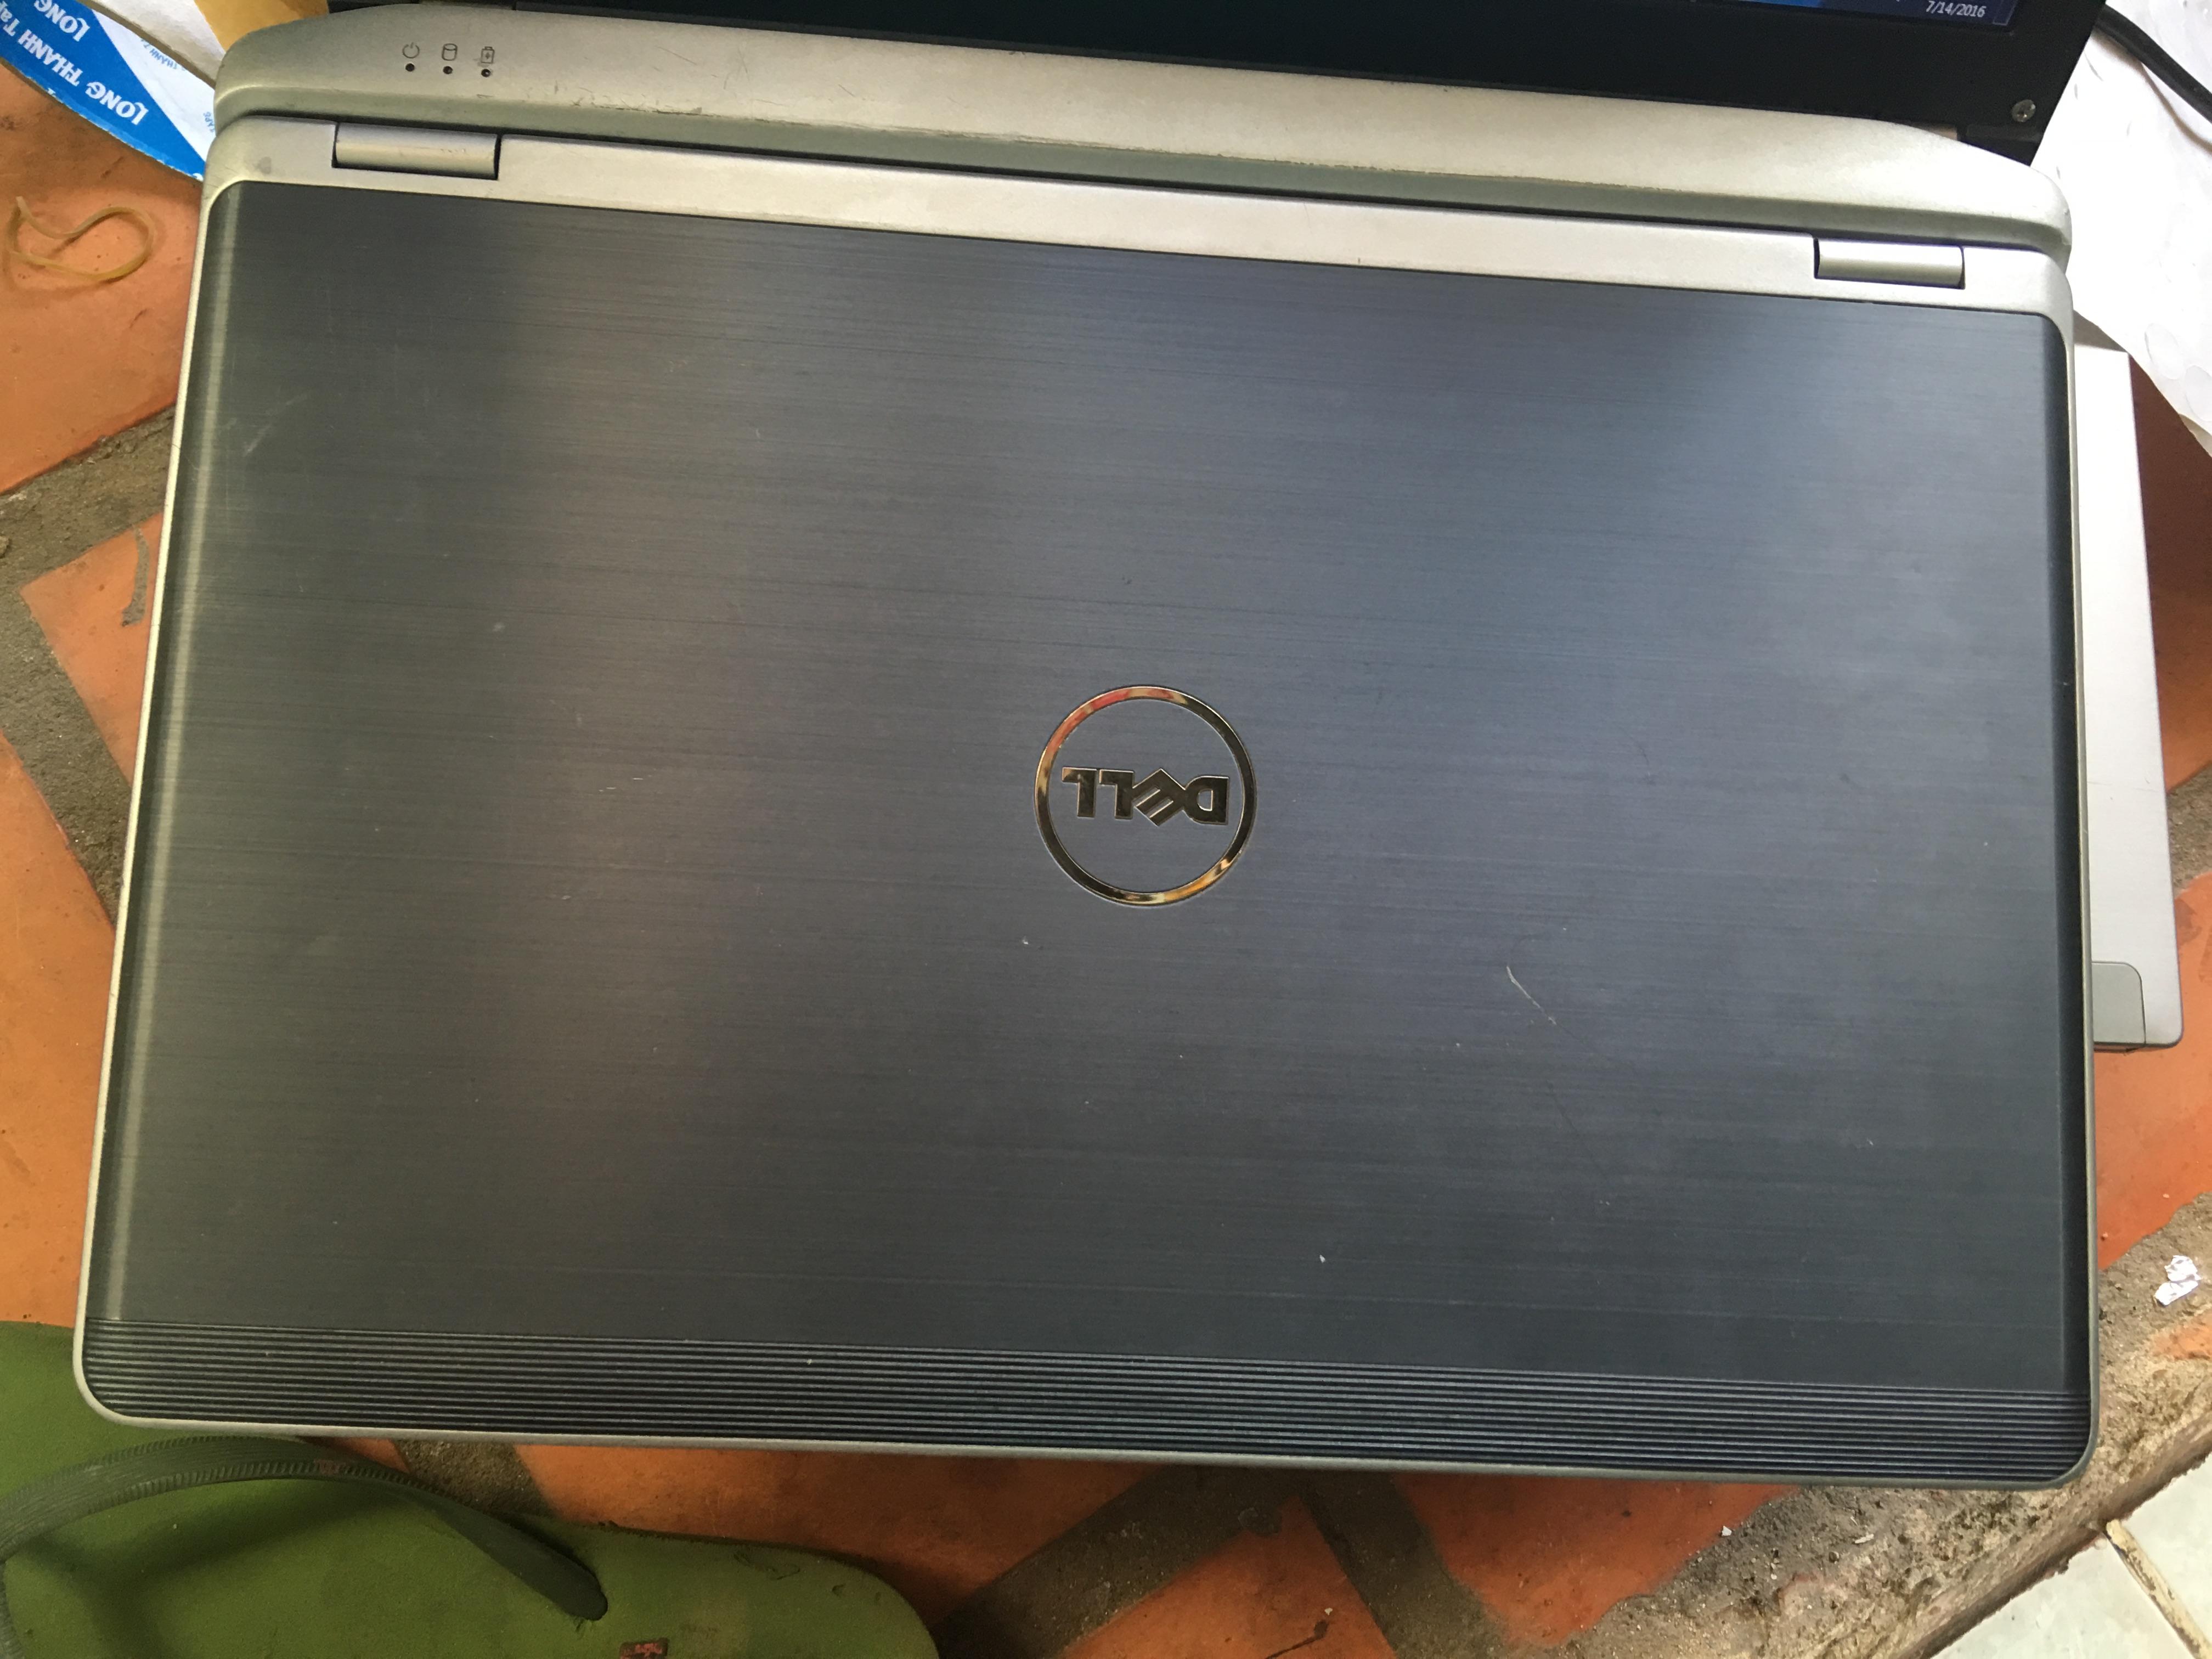 DELL LATITUDE E6230 i5 3320 RAM 4GB HDD 250GB MÀN HÌNH 12.1 INCH